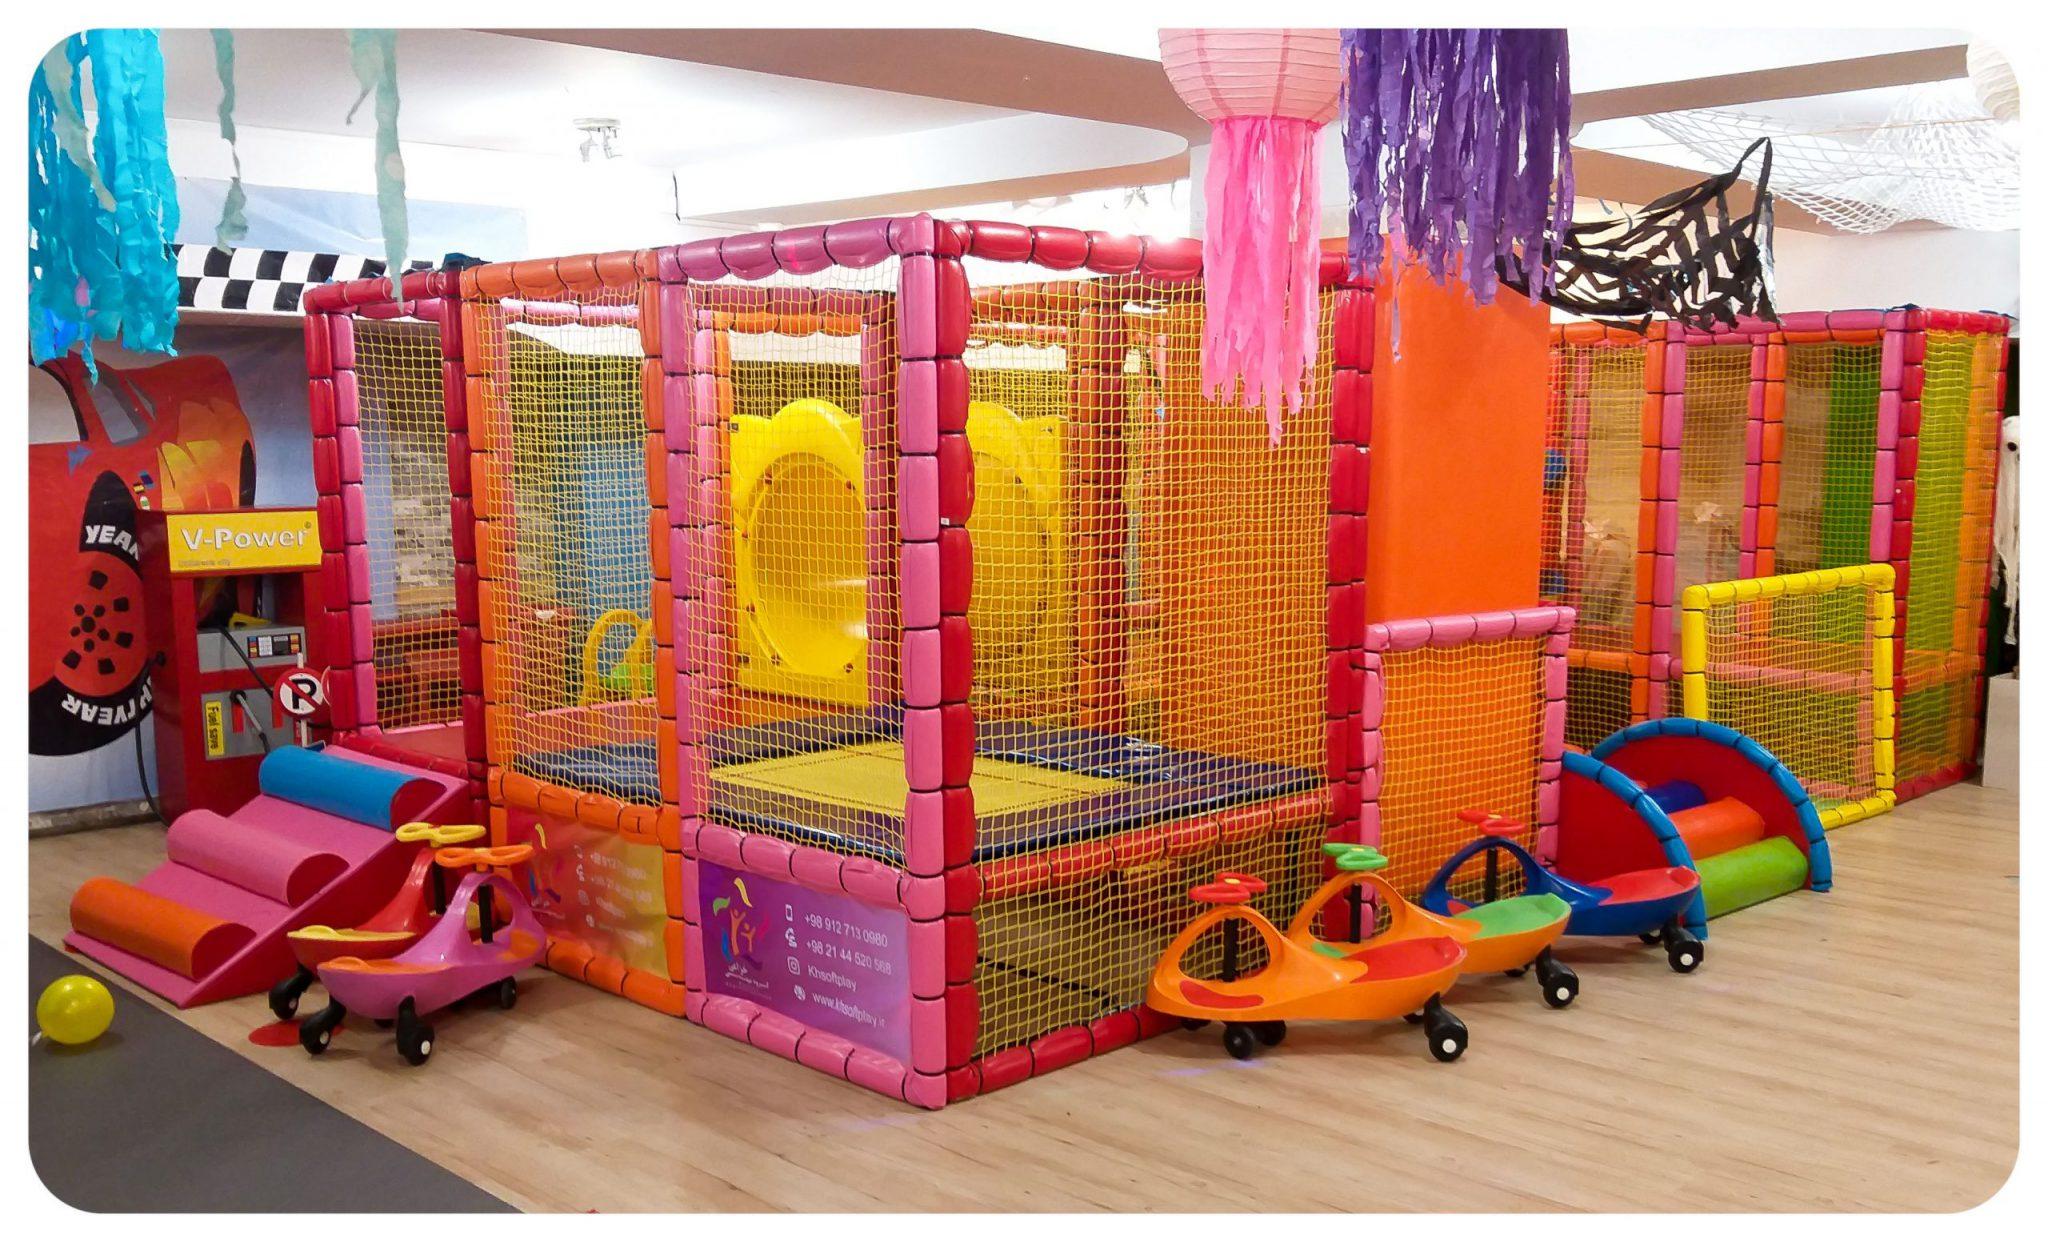 سافت پلی | پلی گراند | خانه بازی | تجهیزات مهدکودک | وسایل خانه بازی کودک